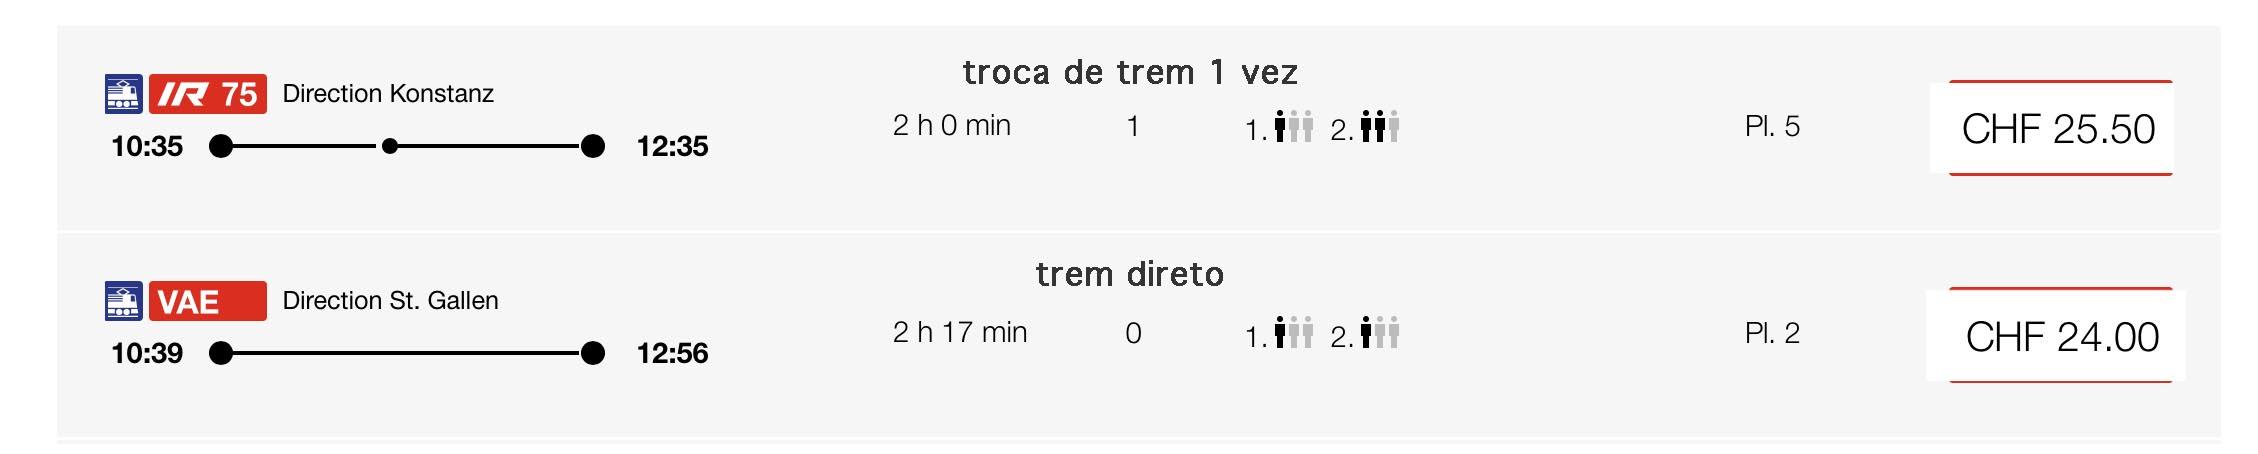 opções de trem de Lucerna para st gallen